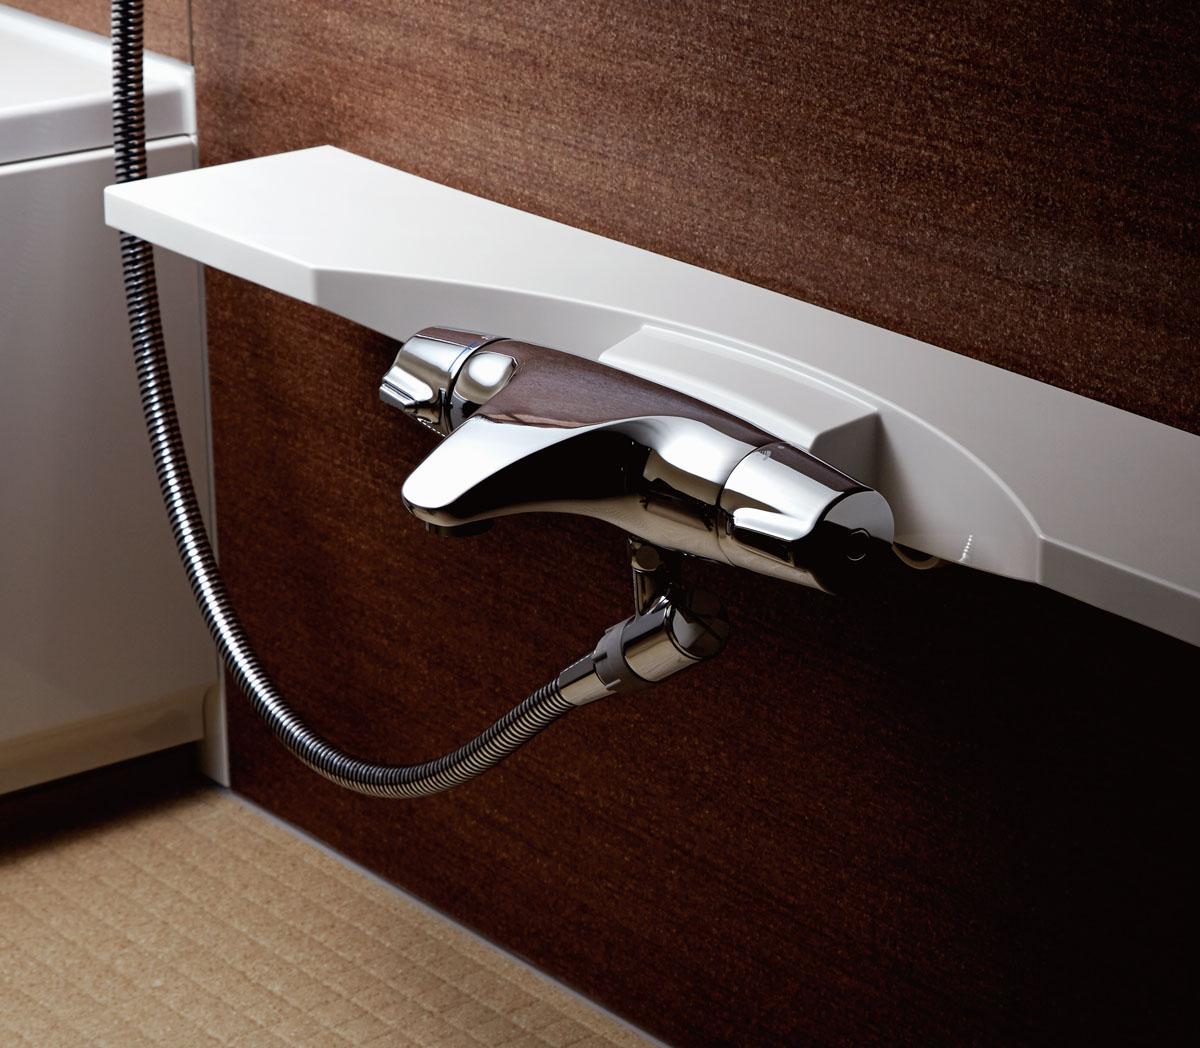 美しいディテールにこだわった高いデザイン性と、確かな使いやすさを追求した機能性。